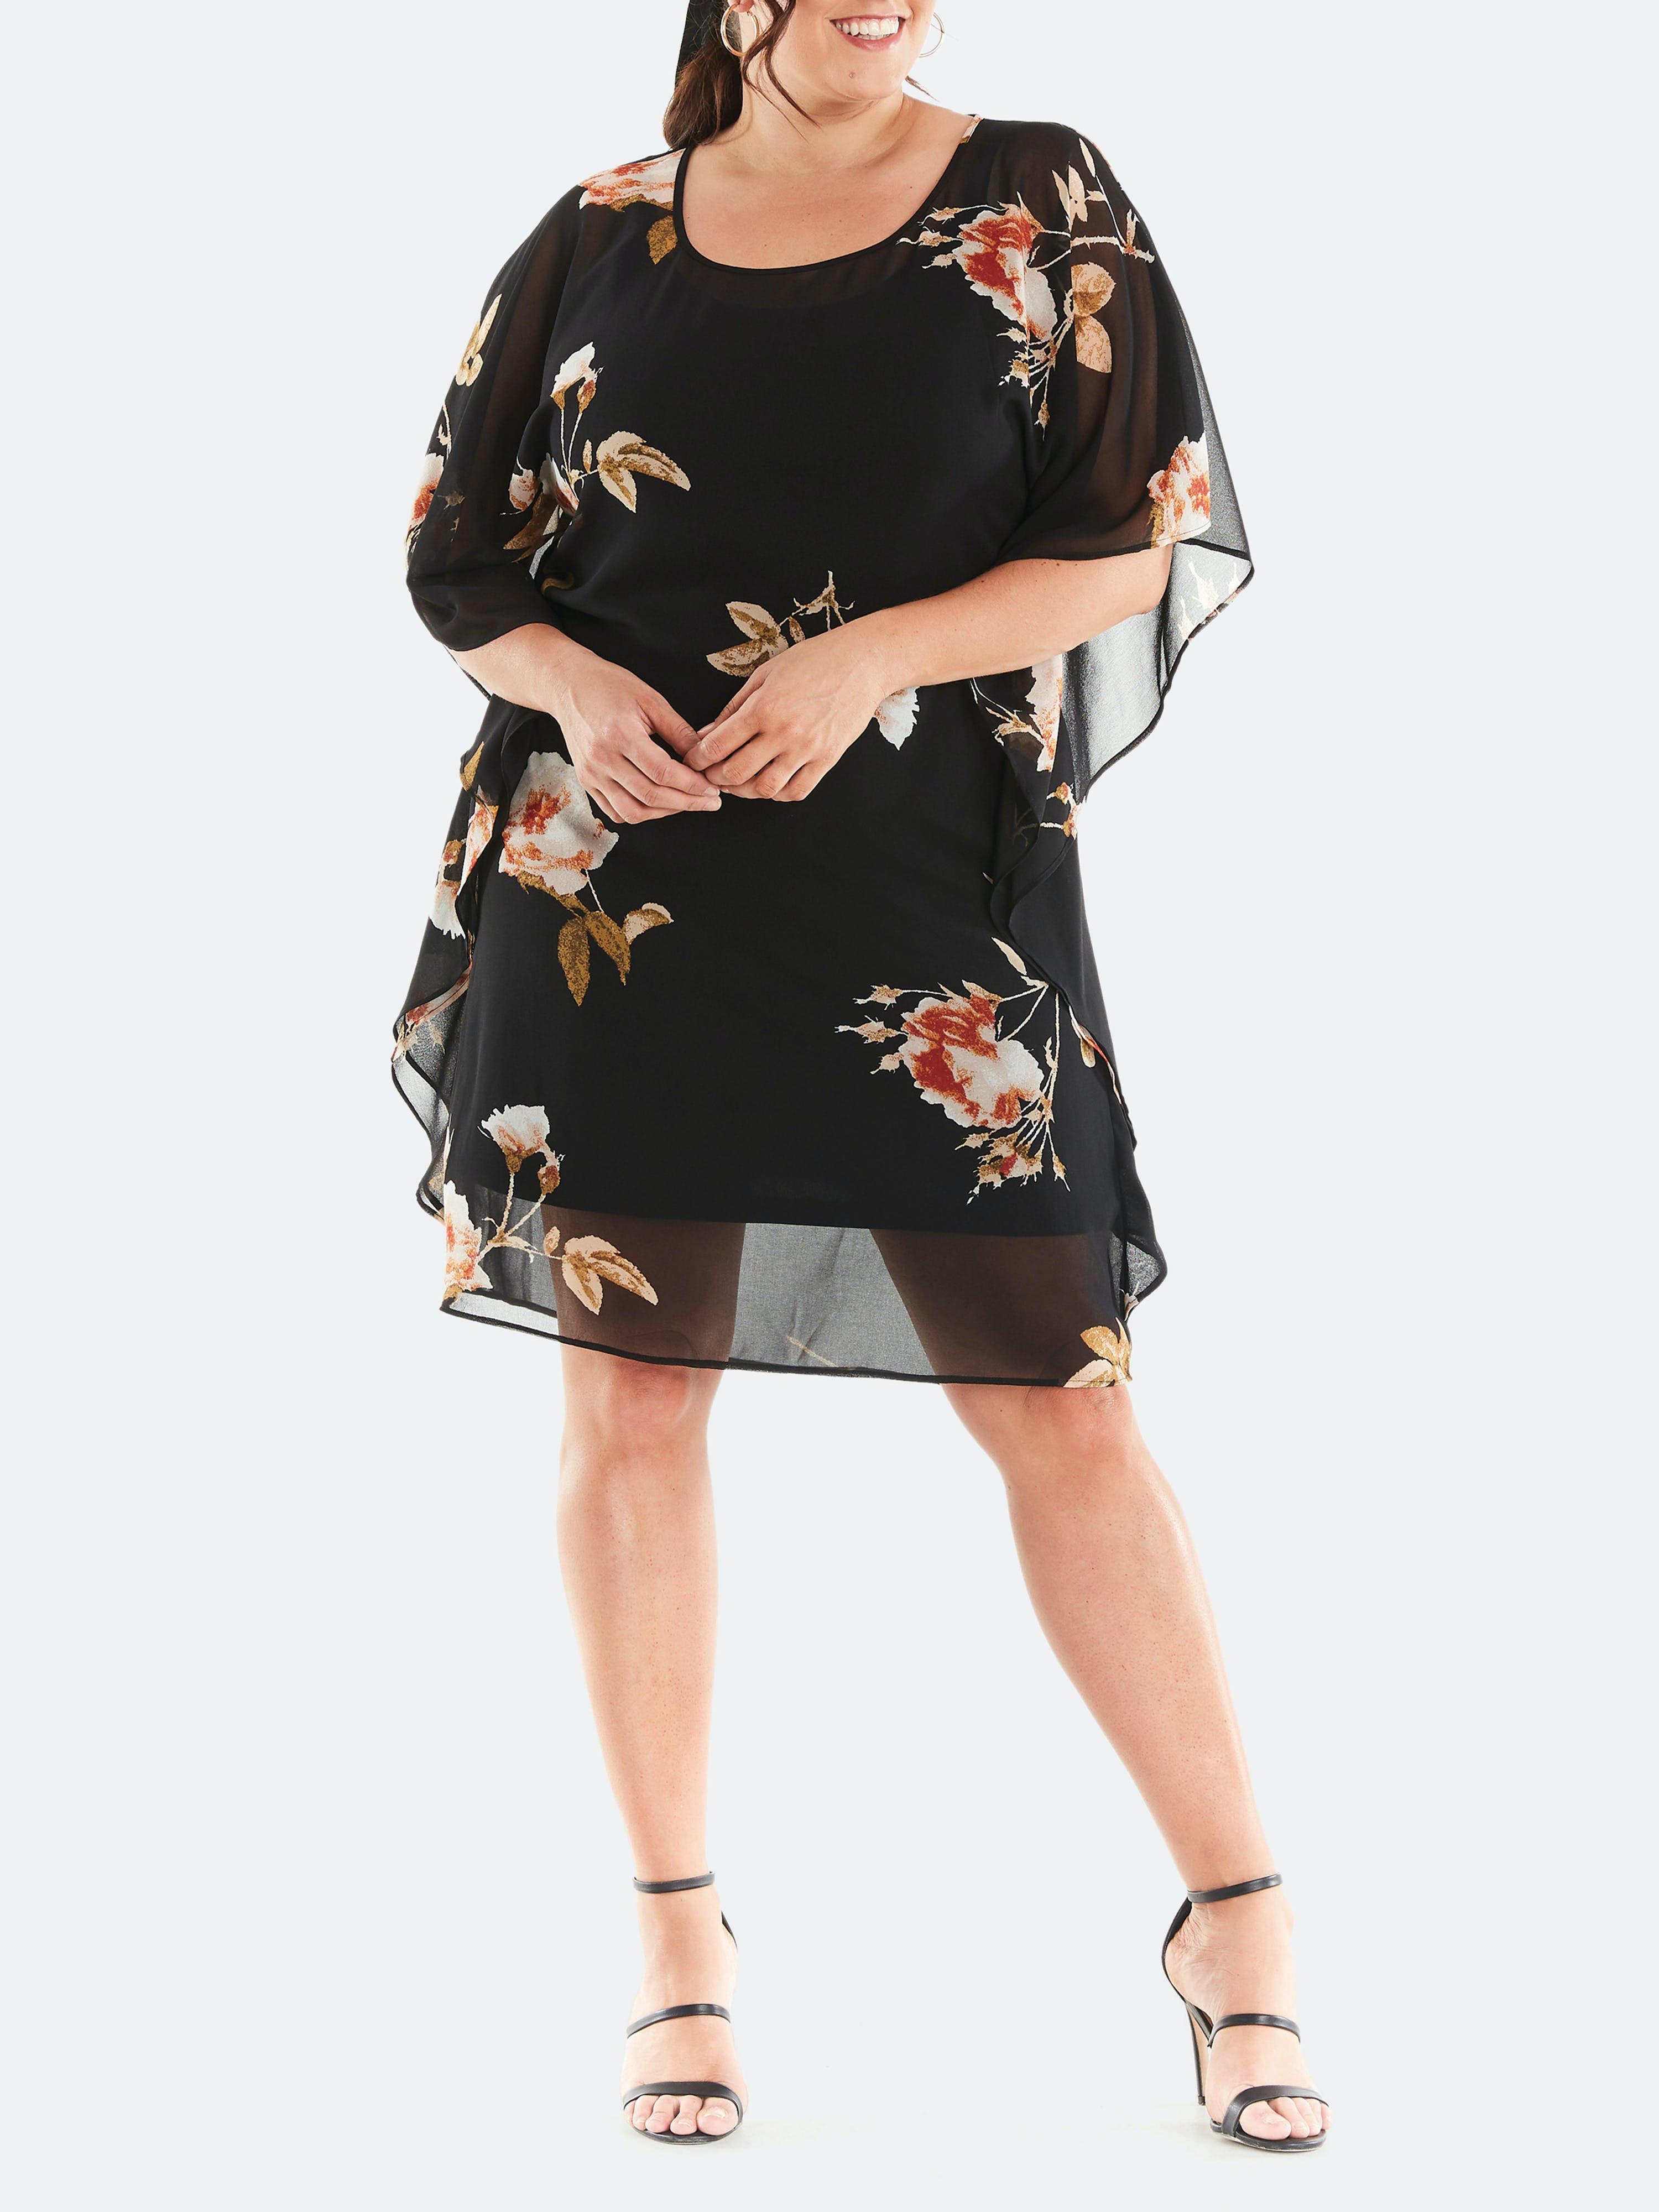 Estelle - Verified Partner Rose Garden Dress - 1X - Also in: 2X, 4X, 3X  - Black